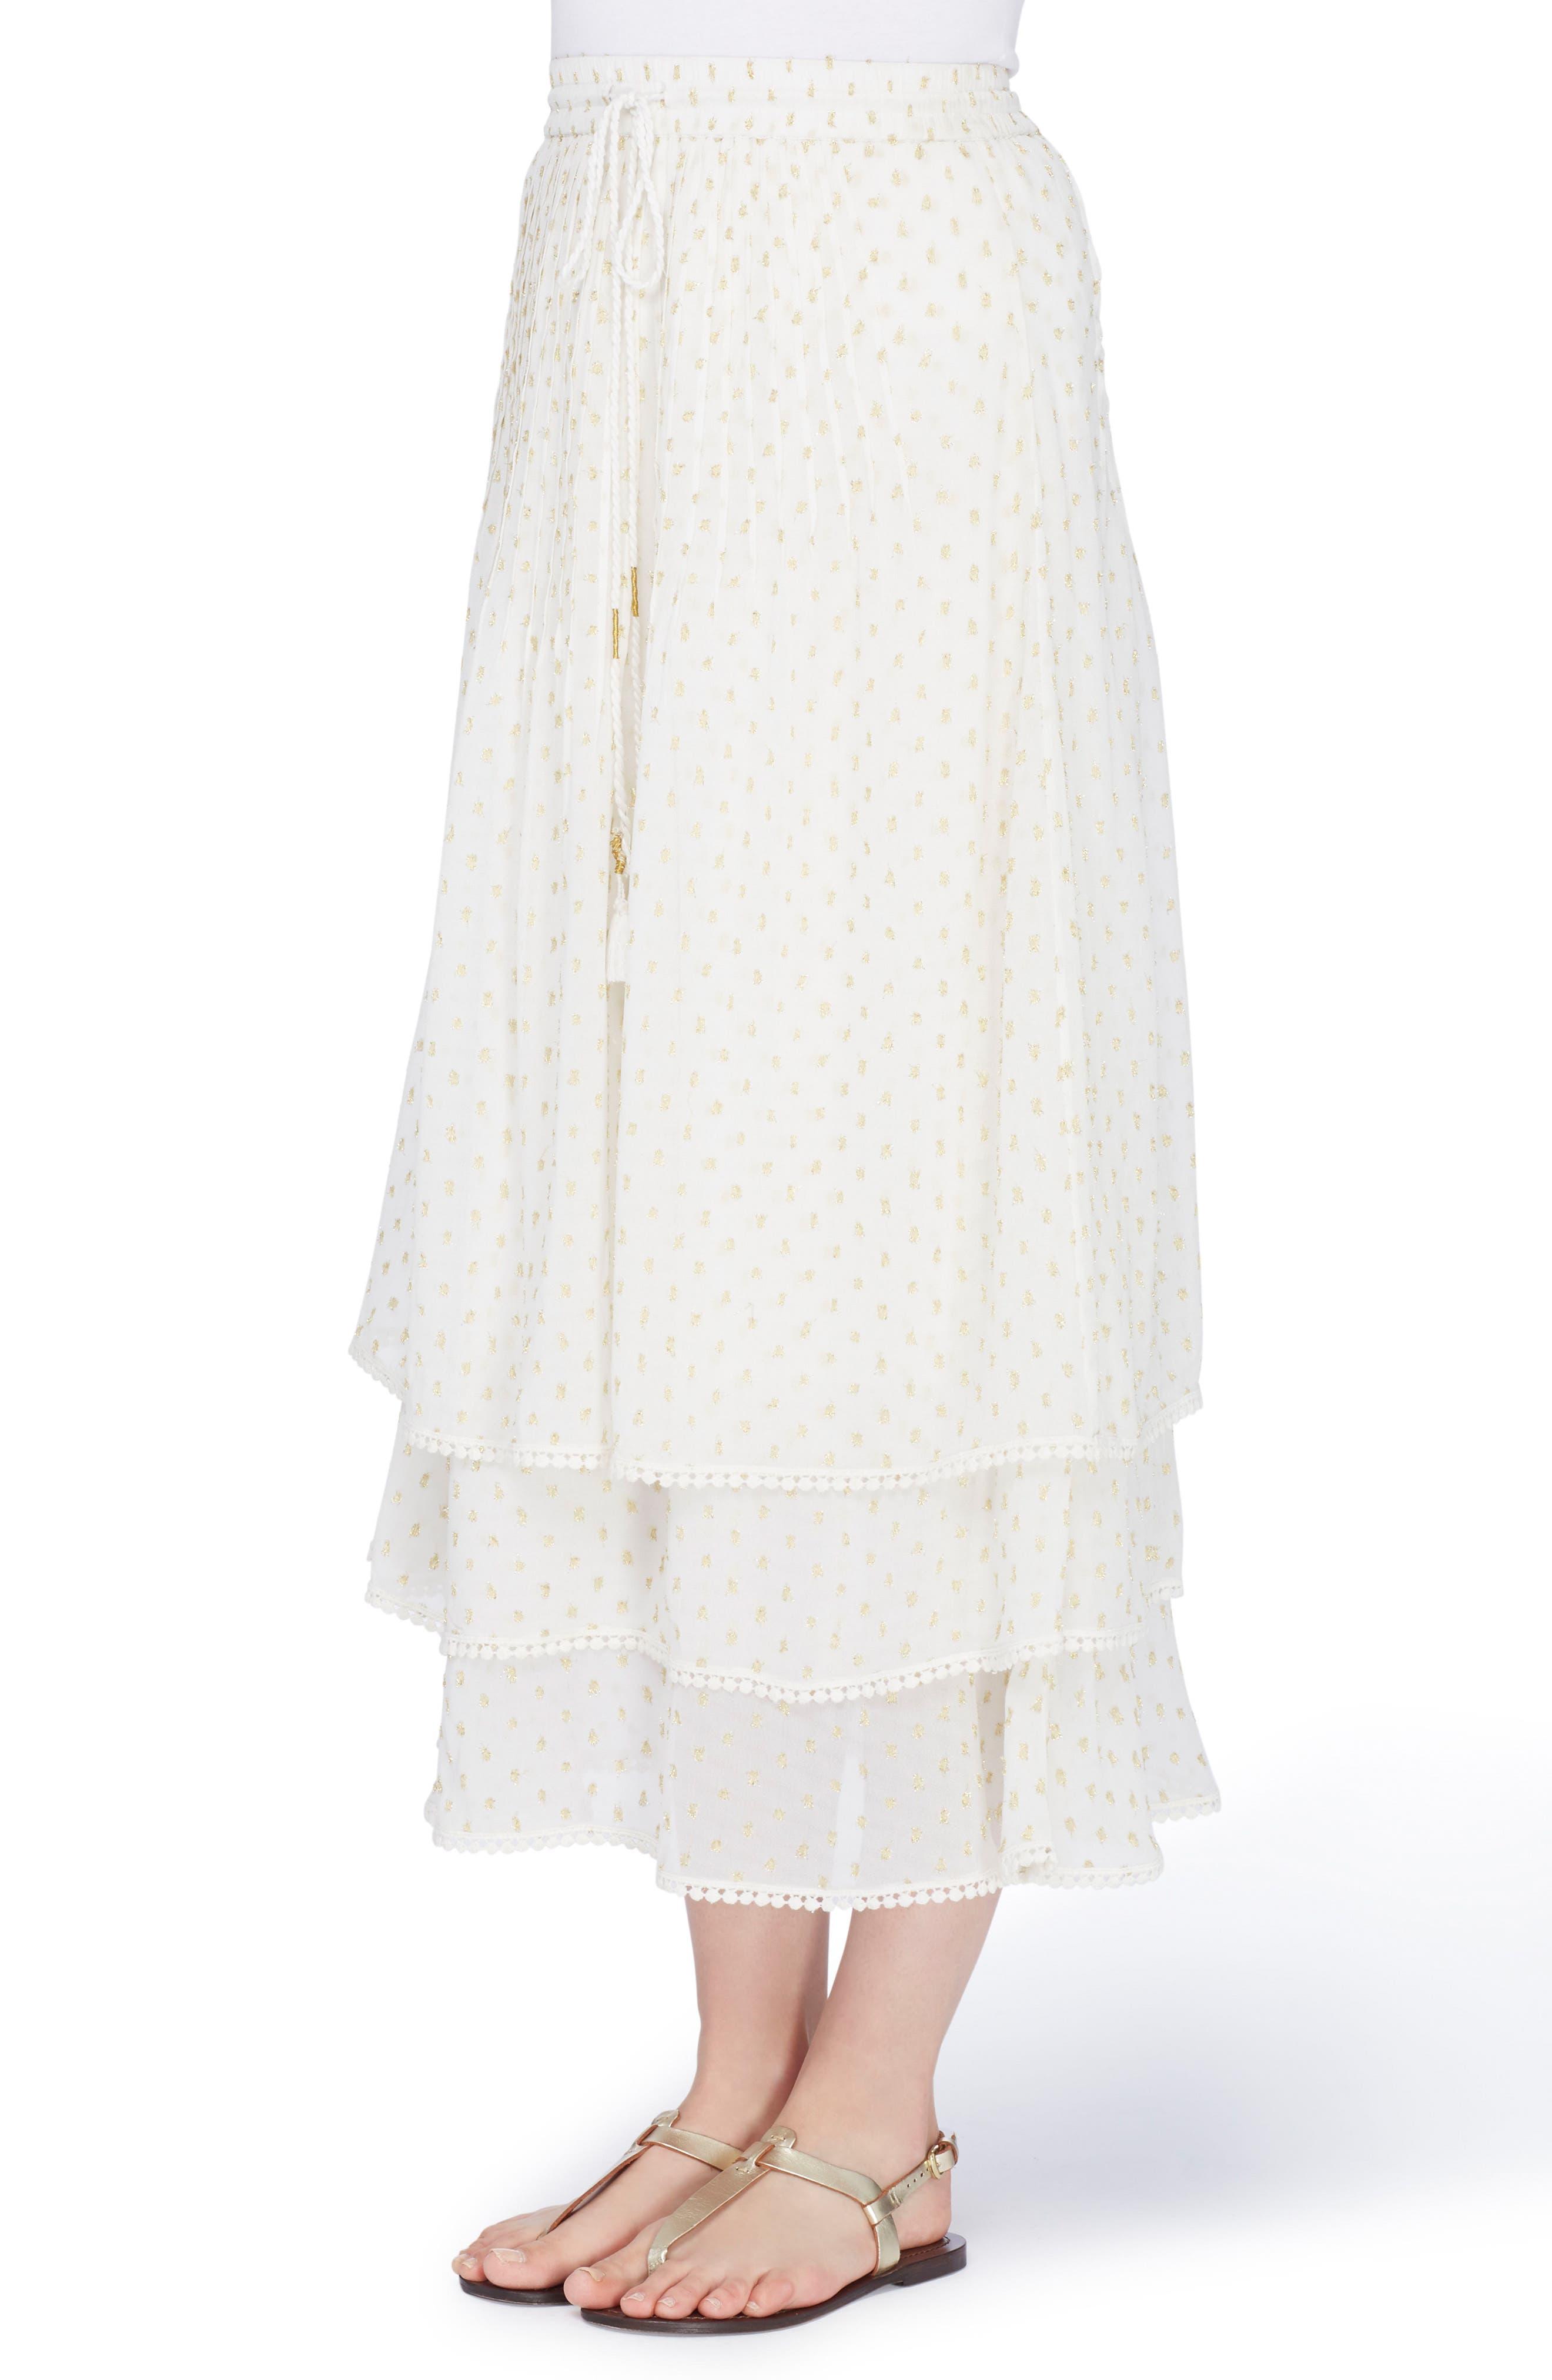 Main Image - Catherine Catherine Malandrino Berbas Clipped Jacquard Tiered Skirt